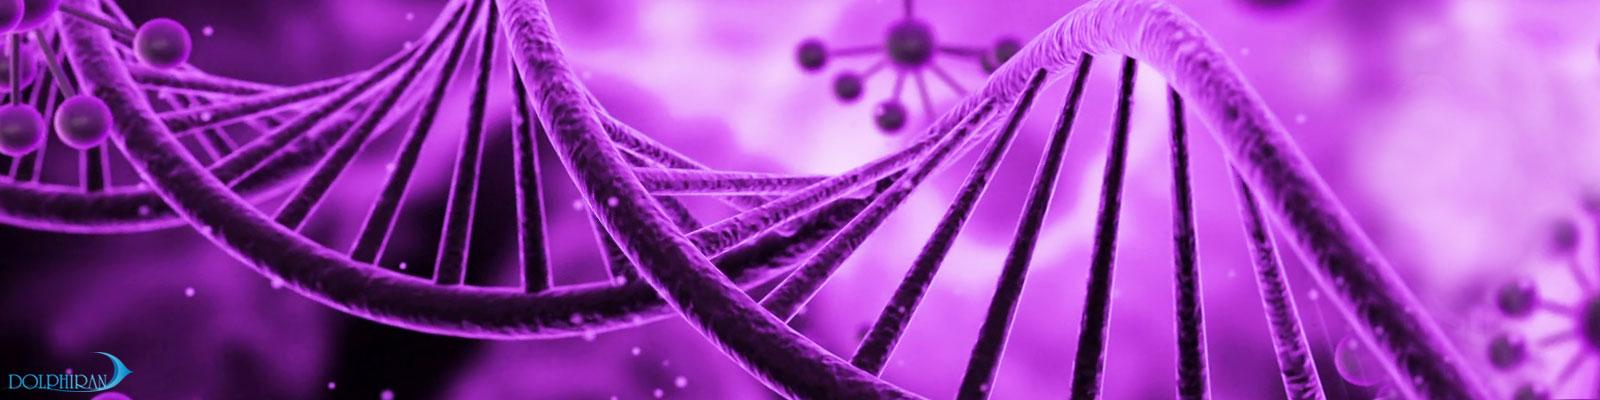 محلول آکواریوم pink fusion و purple helix حاوی جلبک های آهکی